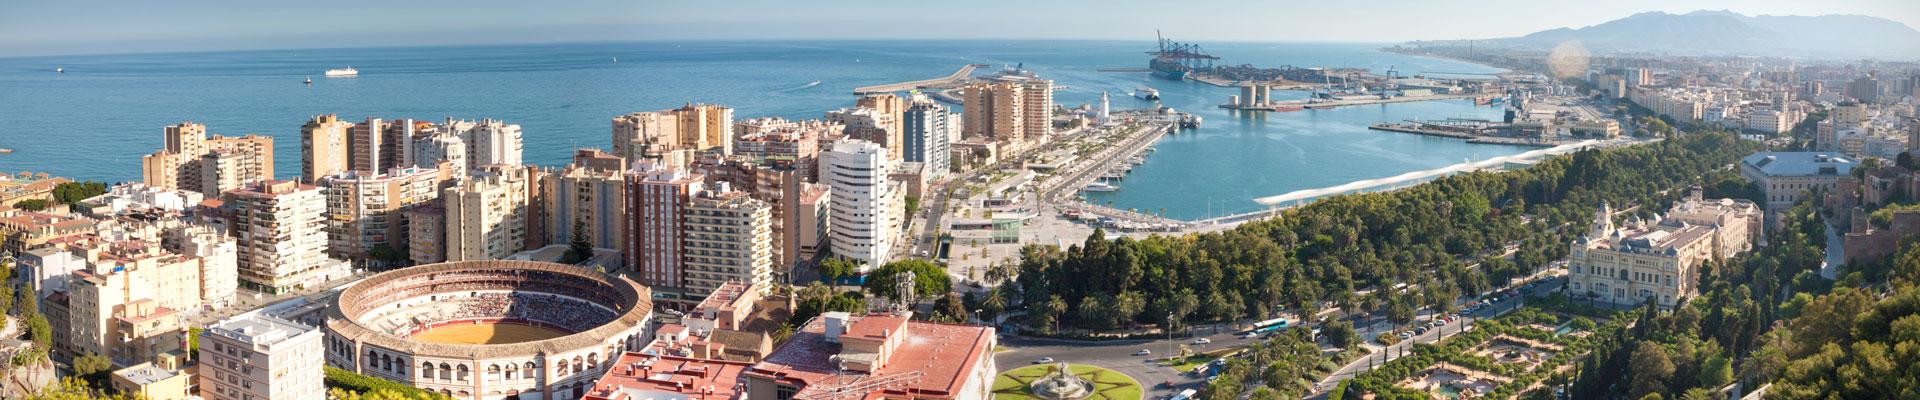 Curso de bolsa en Málaga